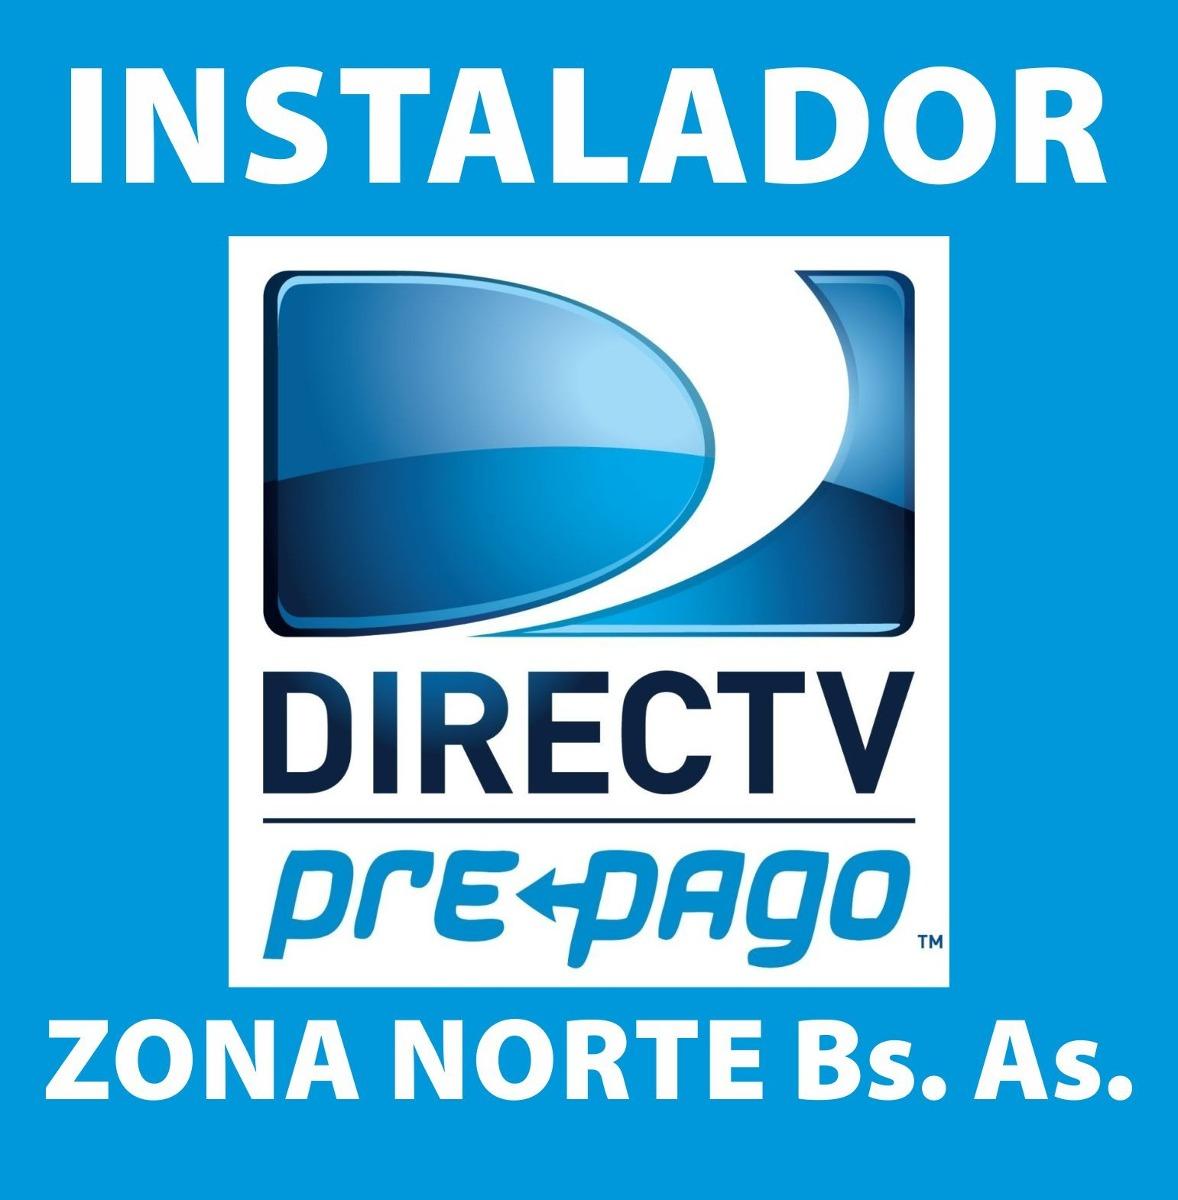 Instalador directv prepago zona norte del viso pilar for Piletas publicas en zona norte